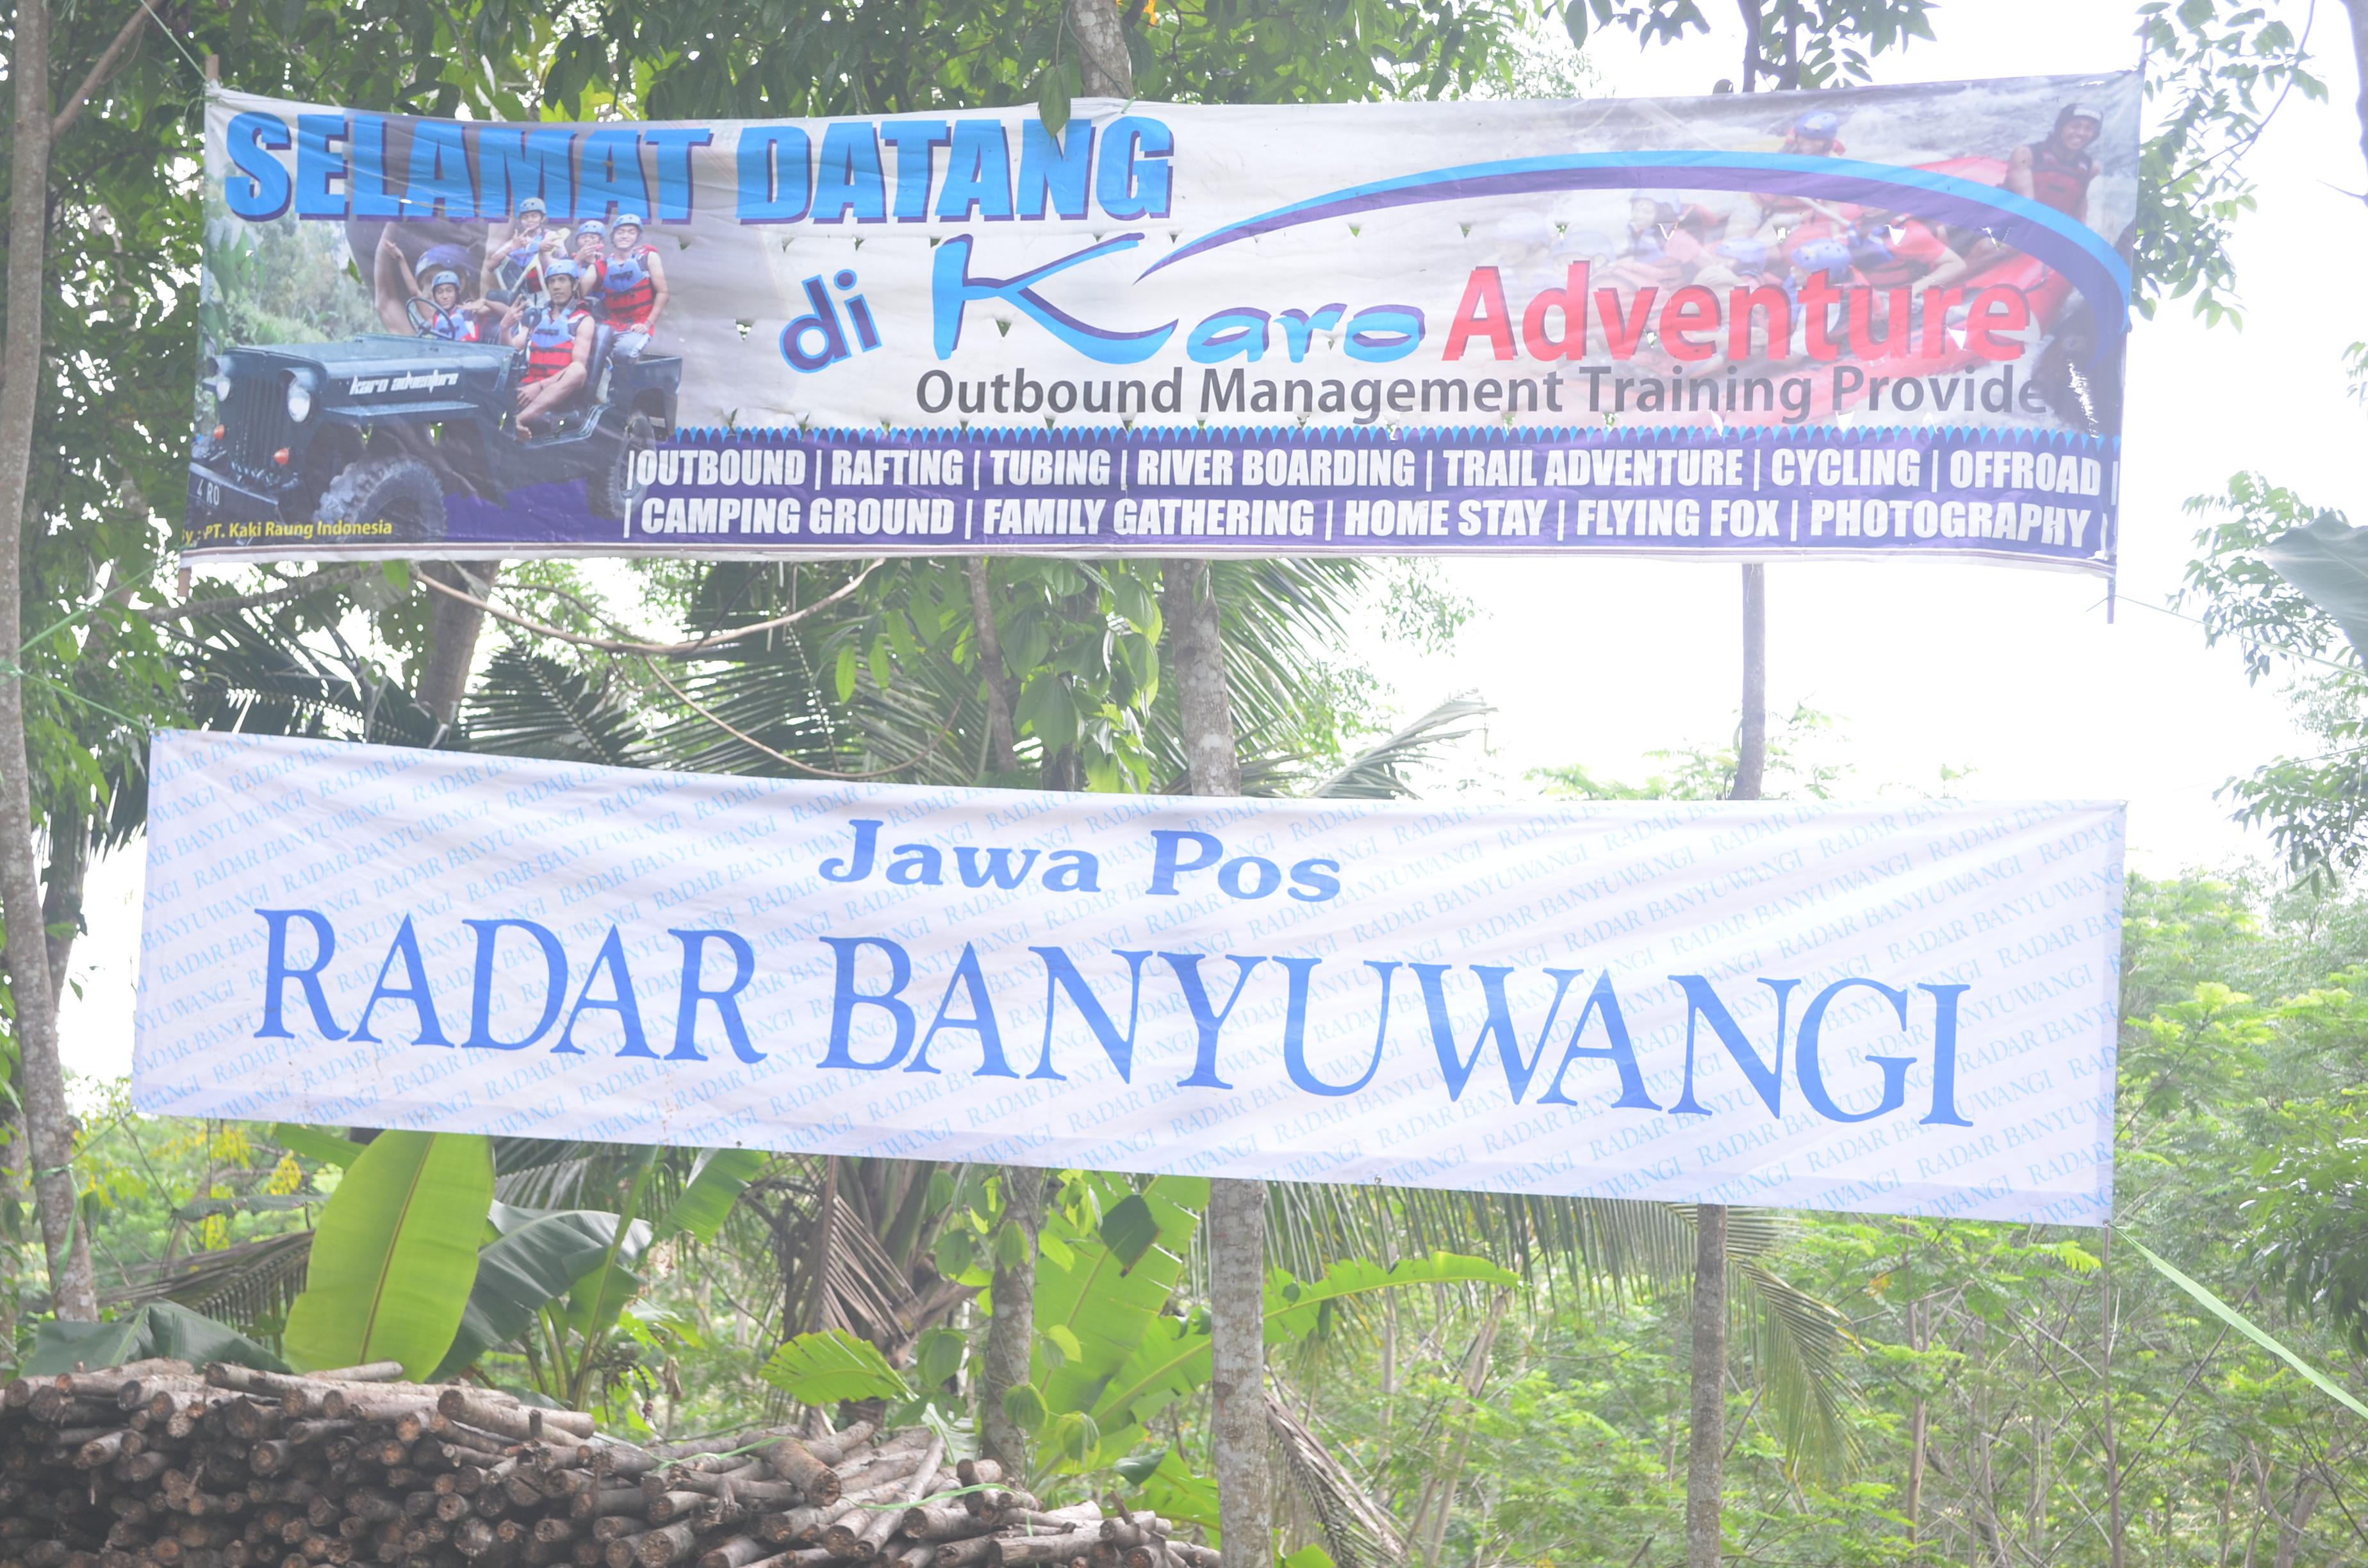 Karo Adventure Wisata Banyuwangi Dsc 0454 Kab